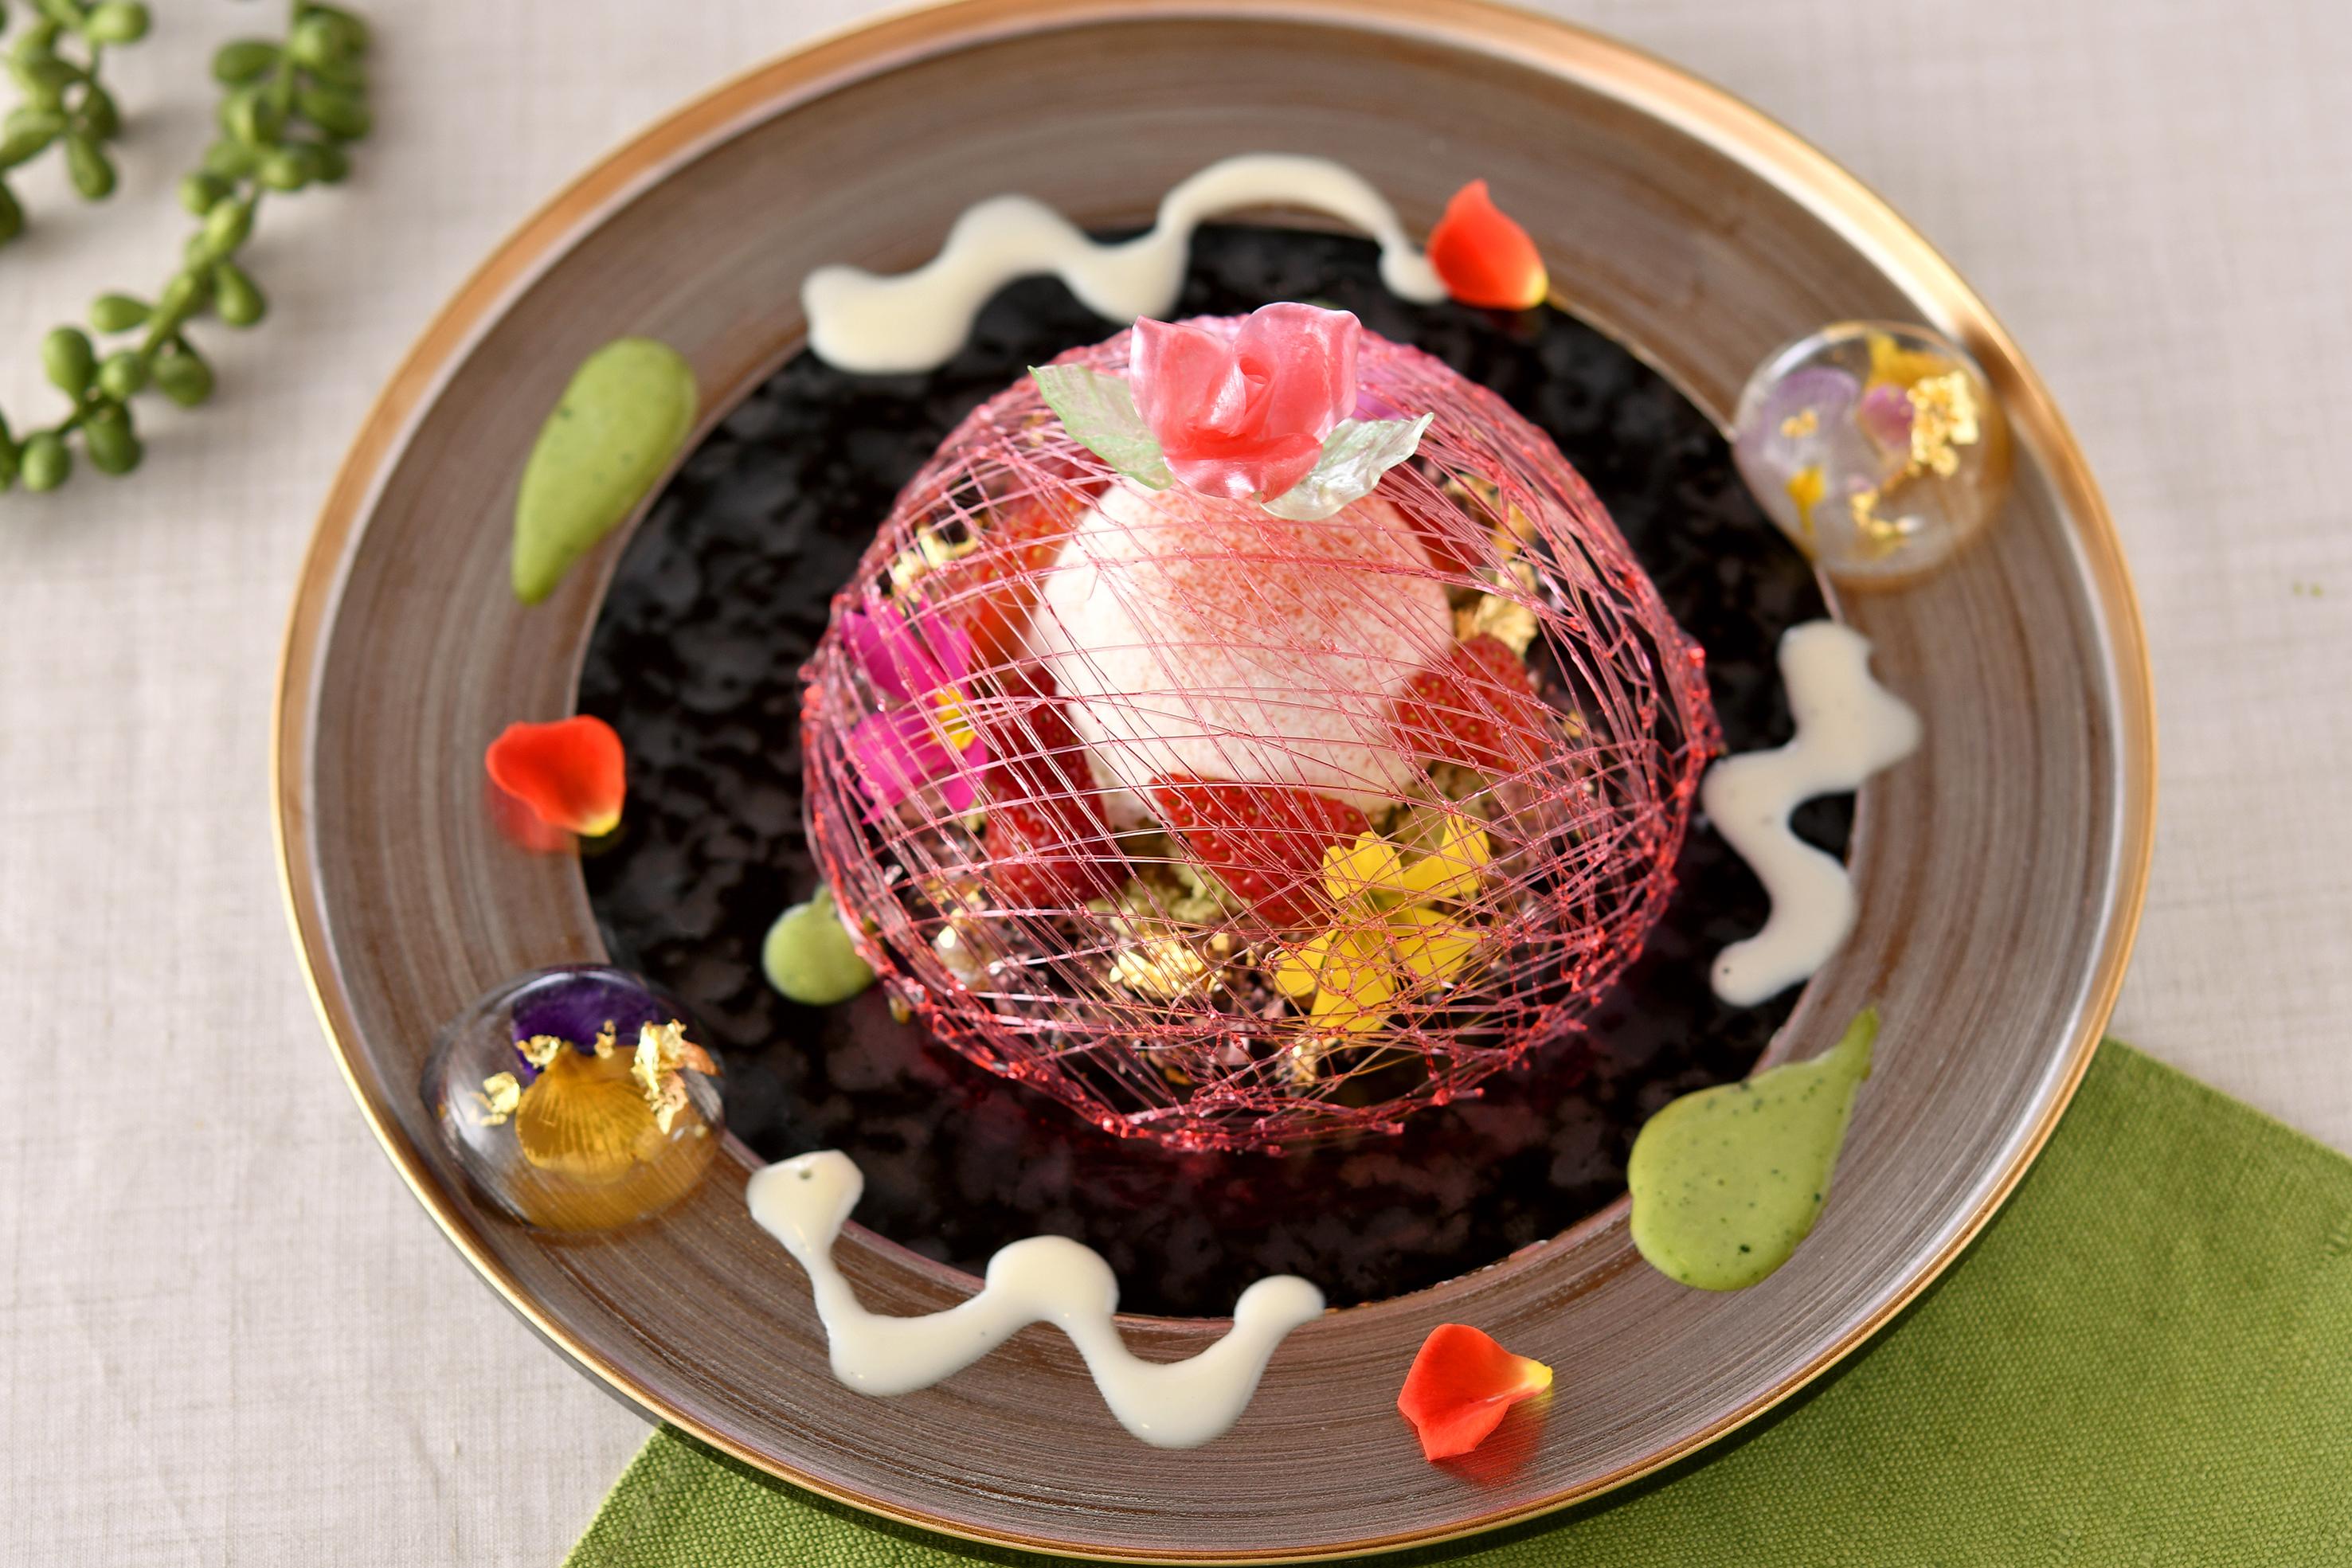 itta『見て食べて楽しむ箱根の春!箱根スイーツコレクション2020の絶品フラワースイーツ巡り』に掲載されました。